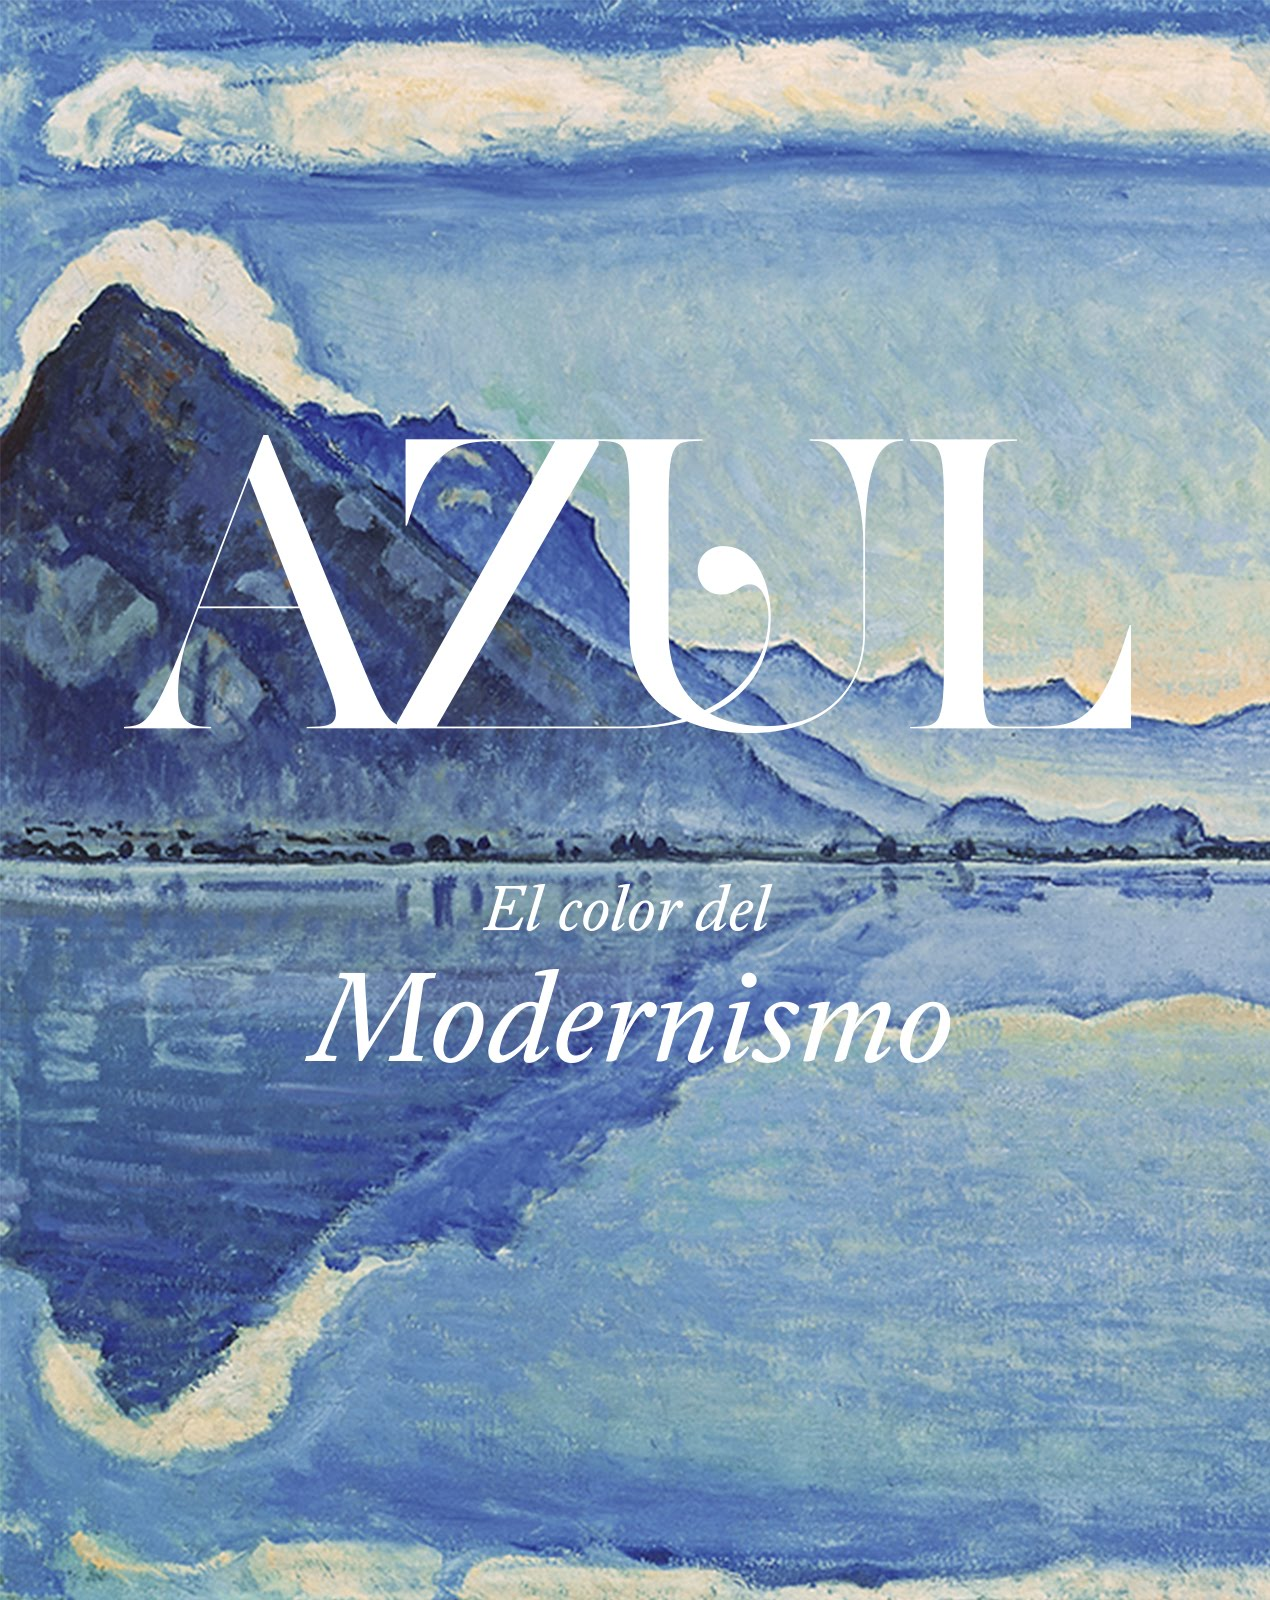 AZUL. EL COLOR DEL MODERNISMO.